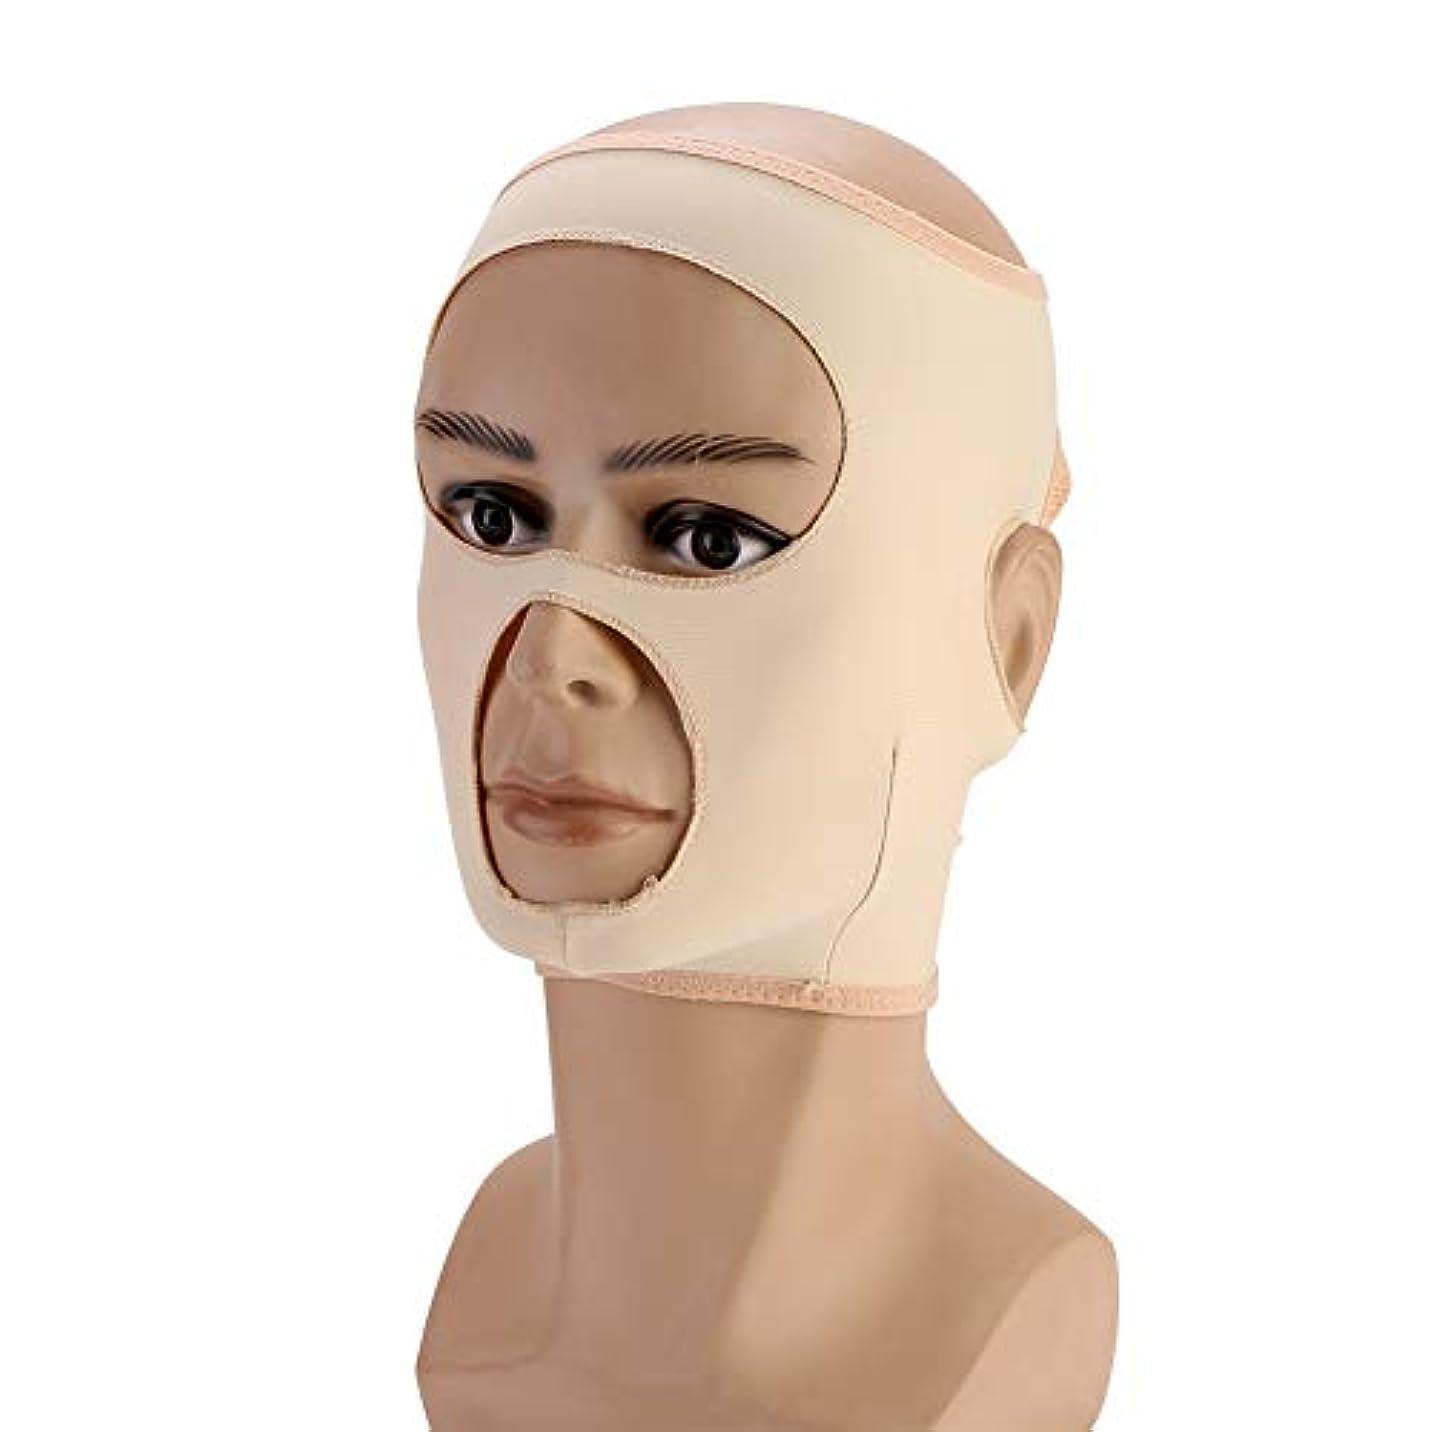 藤色深さ手入れフェイスケア用フェイシャルスリミングマスクフェイシャルケア用フェイシャルスリミングマスクダブルフェイスリフト(M)